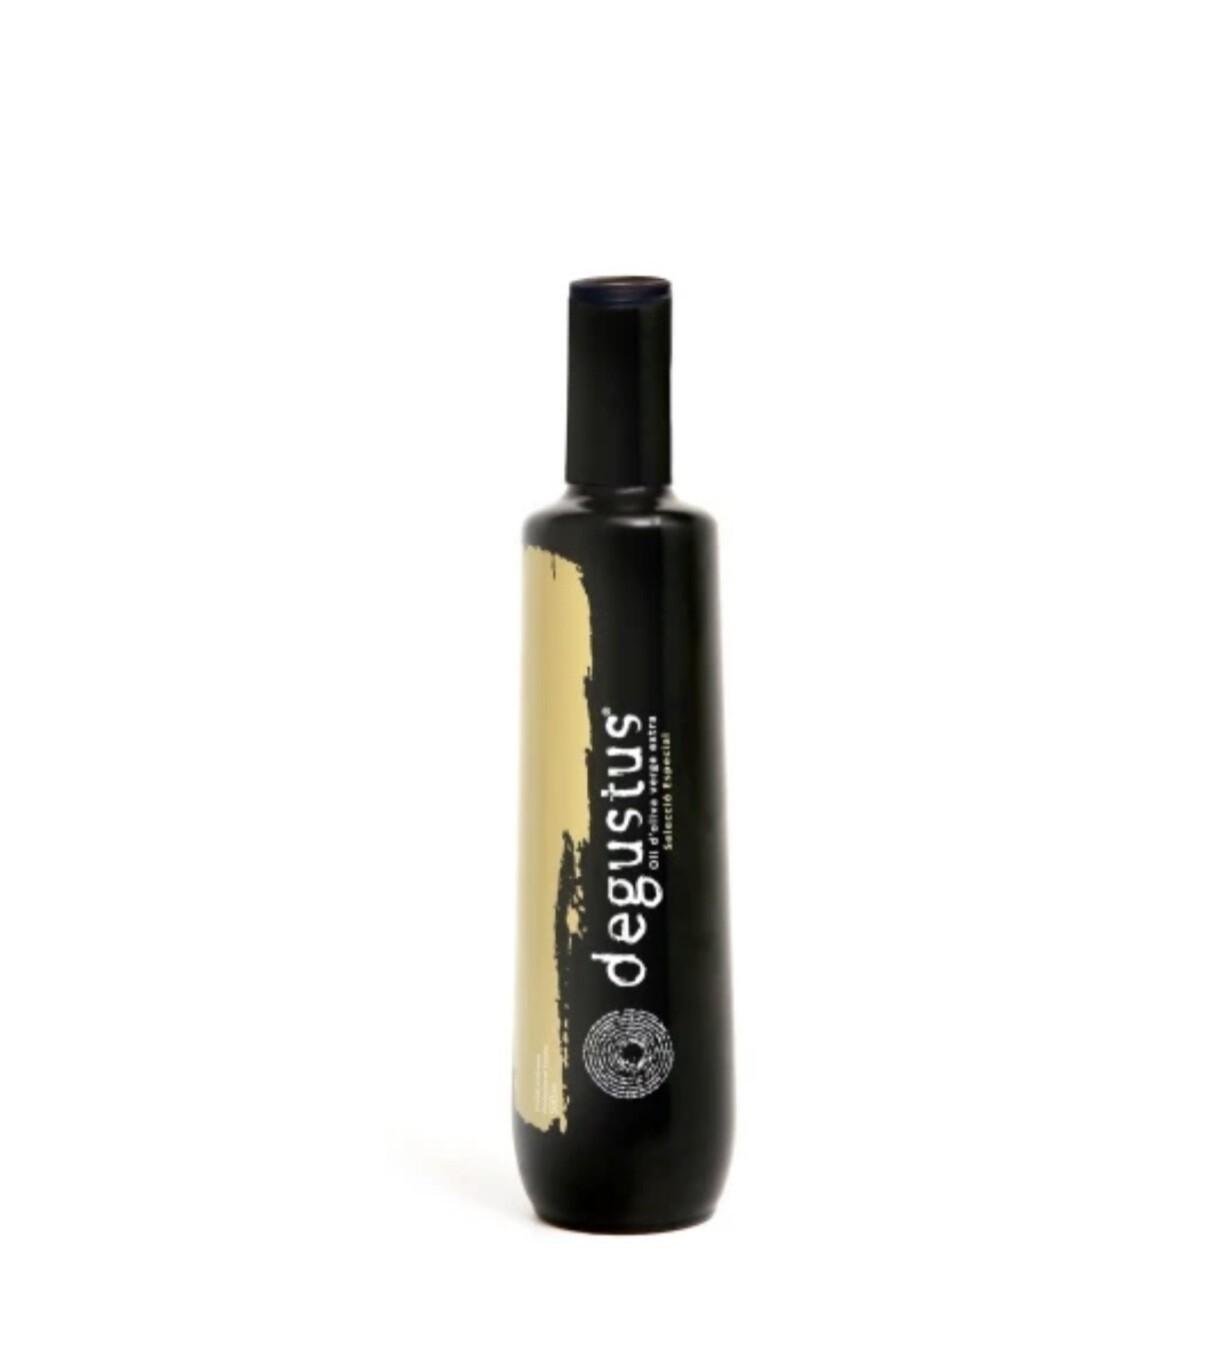 Degustus Premium Extra Virgin Olive Oil 0,5L